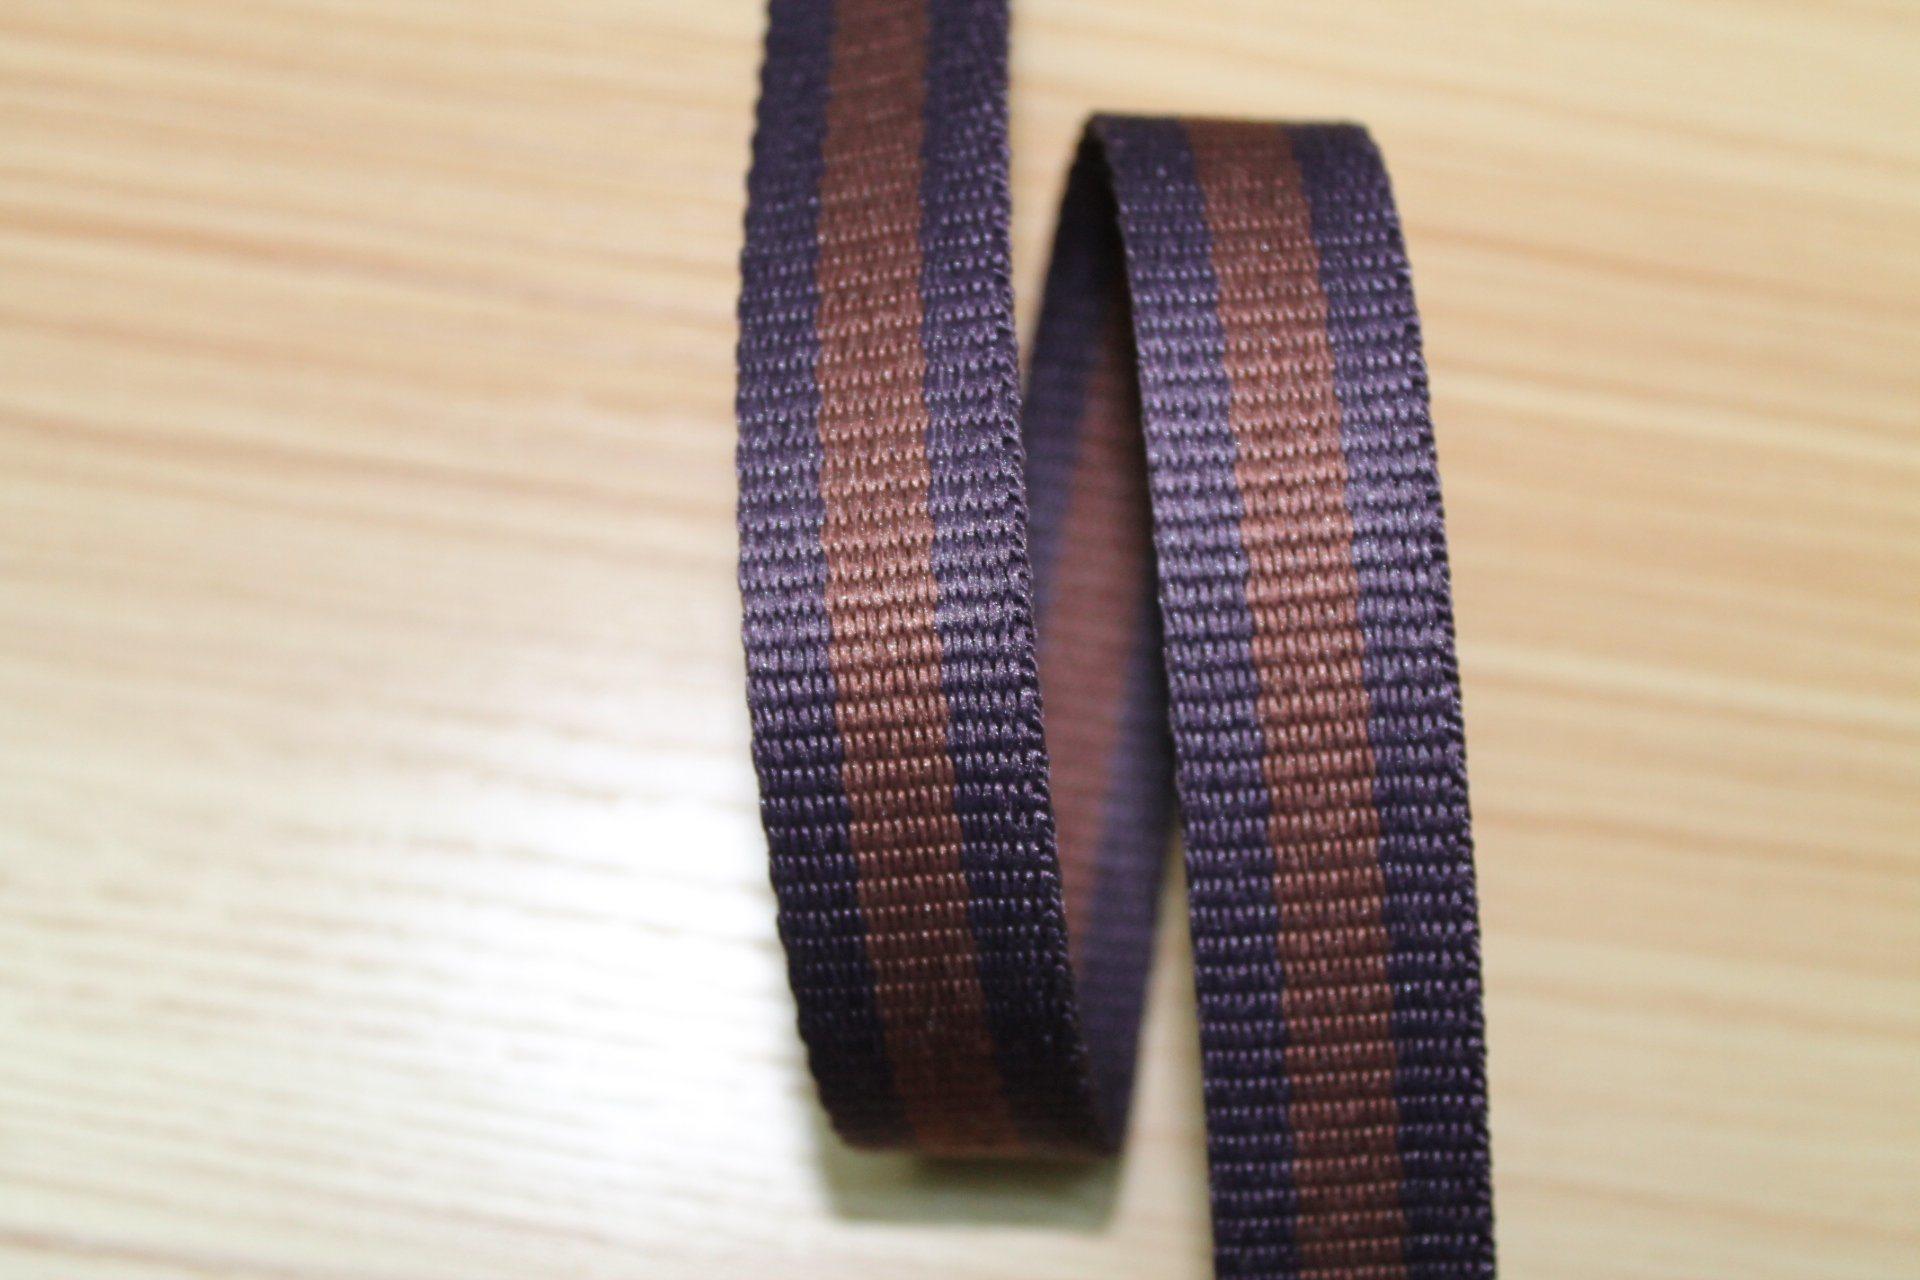 Polyestergewebe für Taschen- und Bekleidungszubehör (2018-0701c)